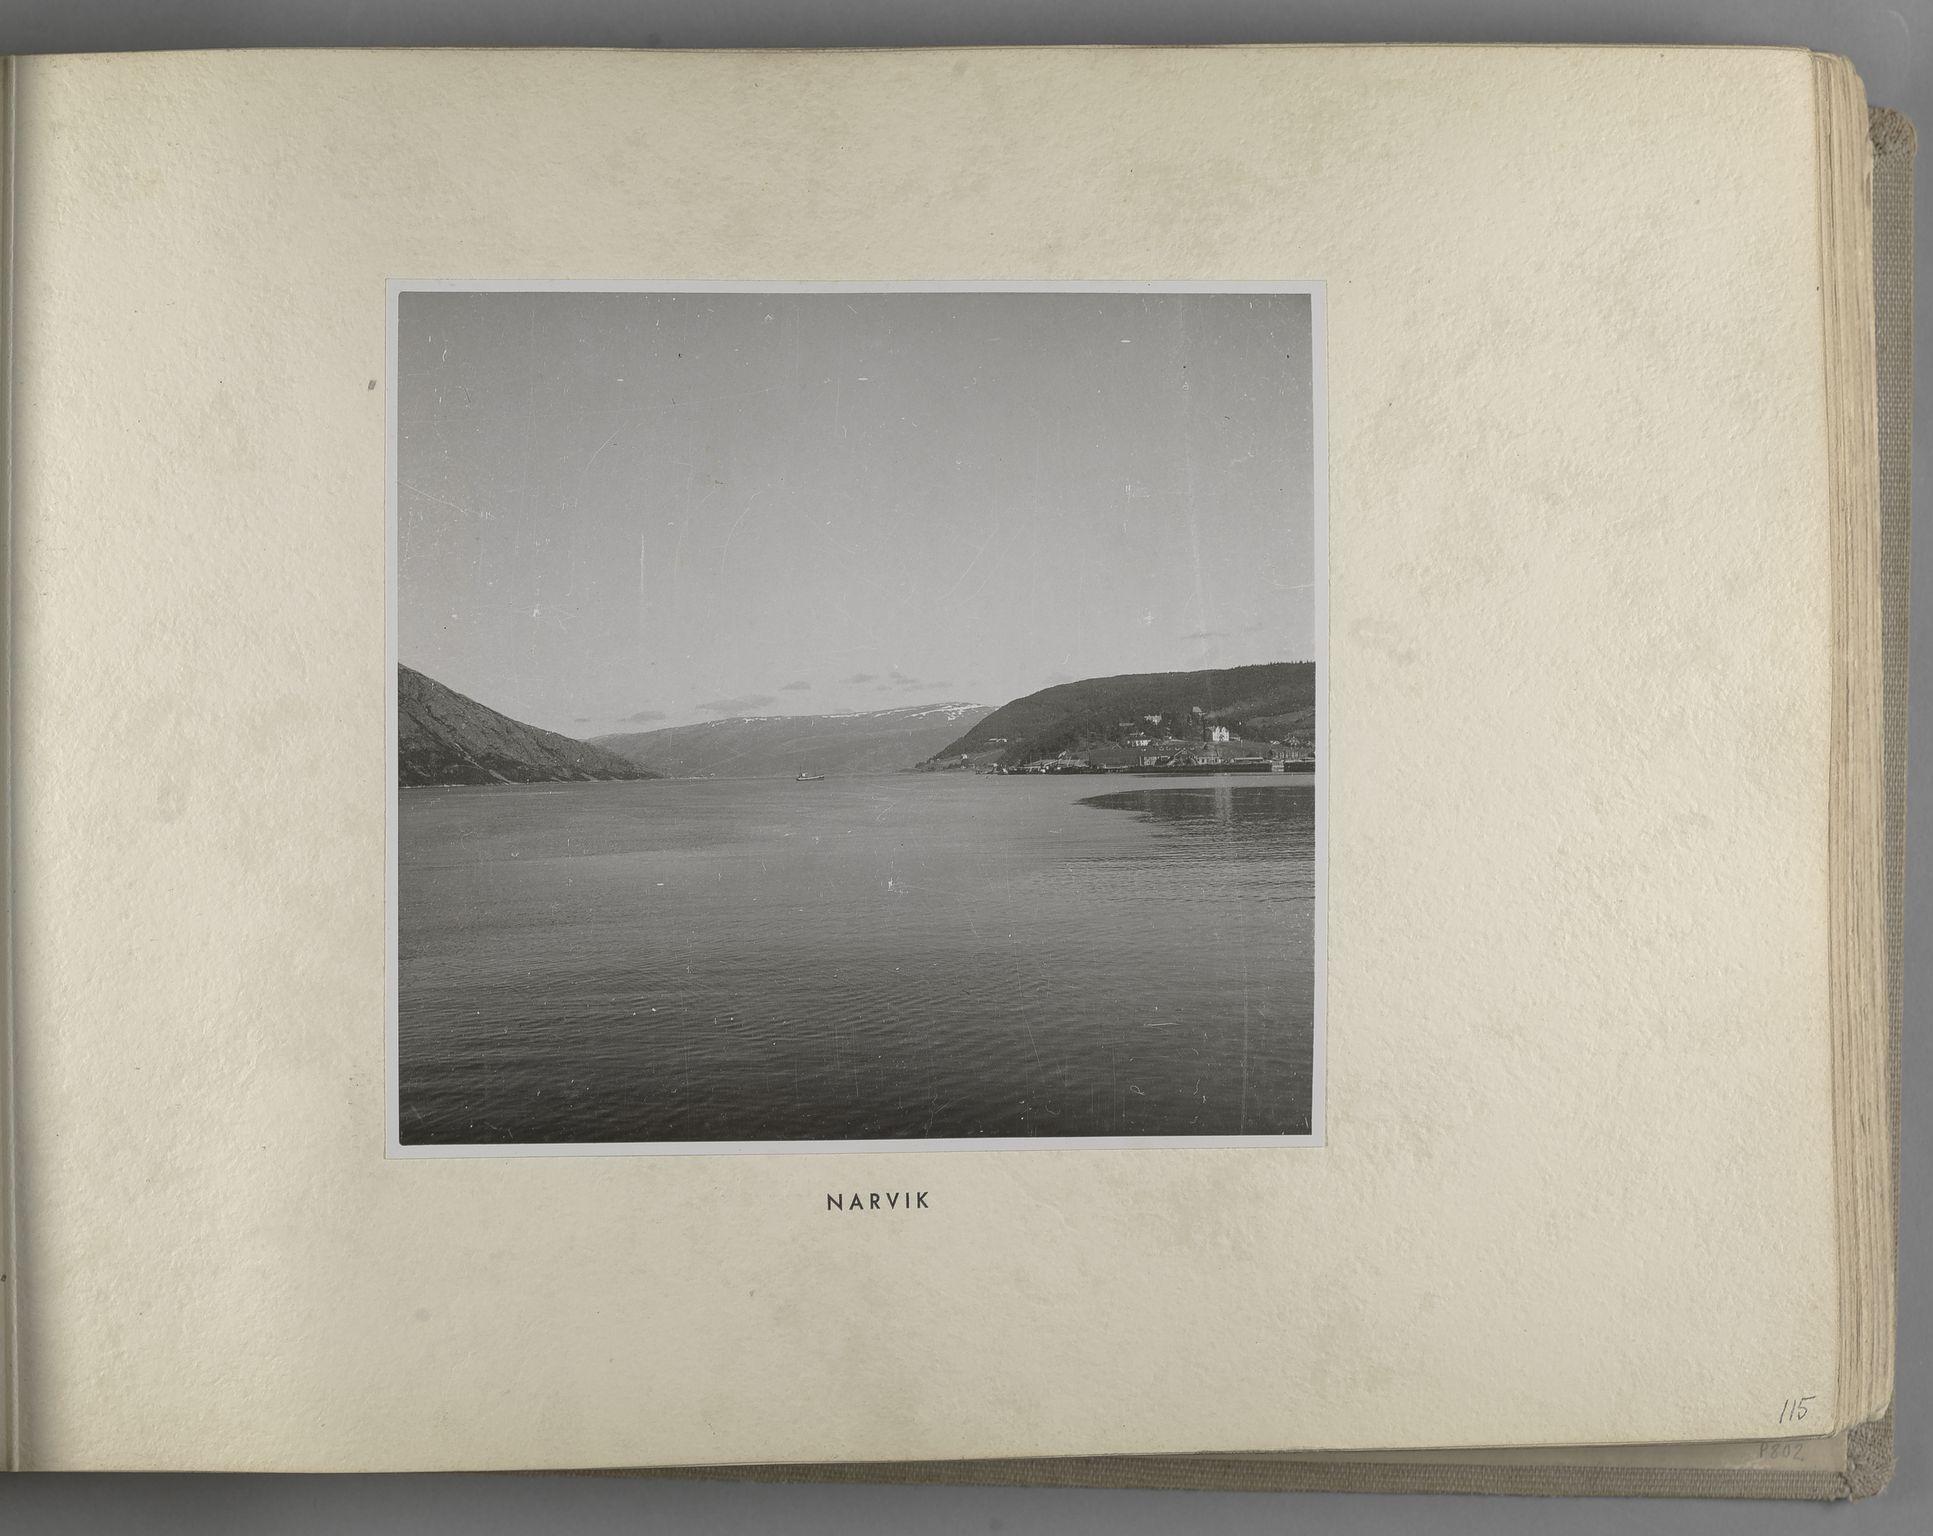 RA, Tyske arkiver, Reichskommissariat, Bildarchiv, U/L0071: Fotoalbum: Mit dem Reichskommissar nach Nordnorwegen und Finnland 10. bis 27. Juli 1942, 1942, s. 45